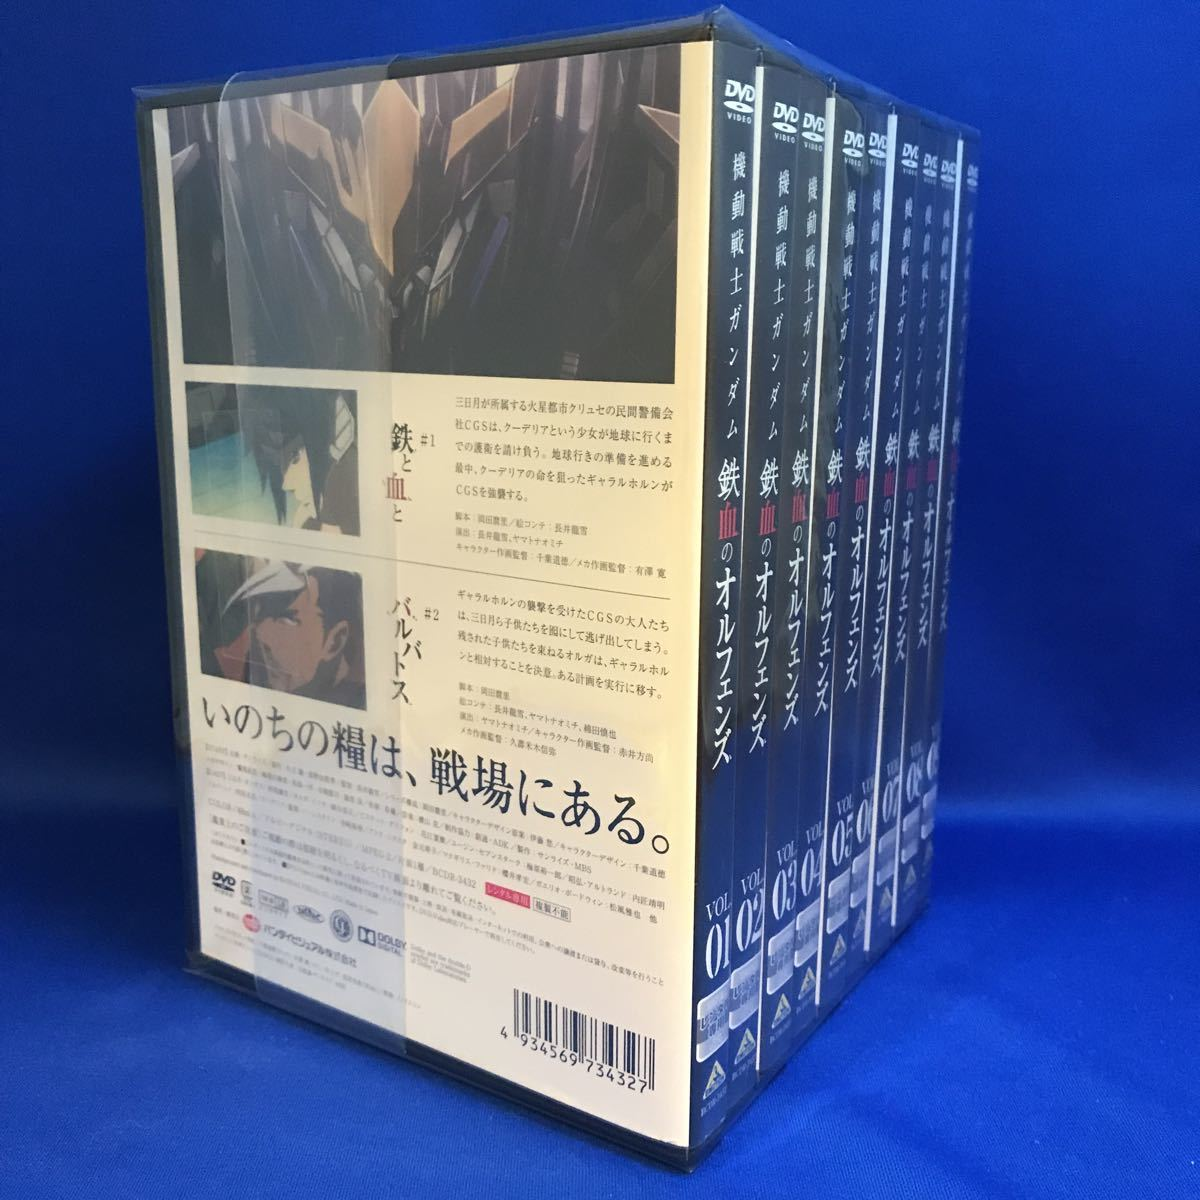 【DVD】機動戦士ガンダム 鉄血のオルフェンズ 1・2(弐) 各9巻 合計18枚セット バンダイビジュアル アニメ レンタル落ち